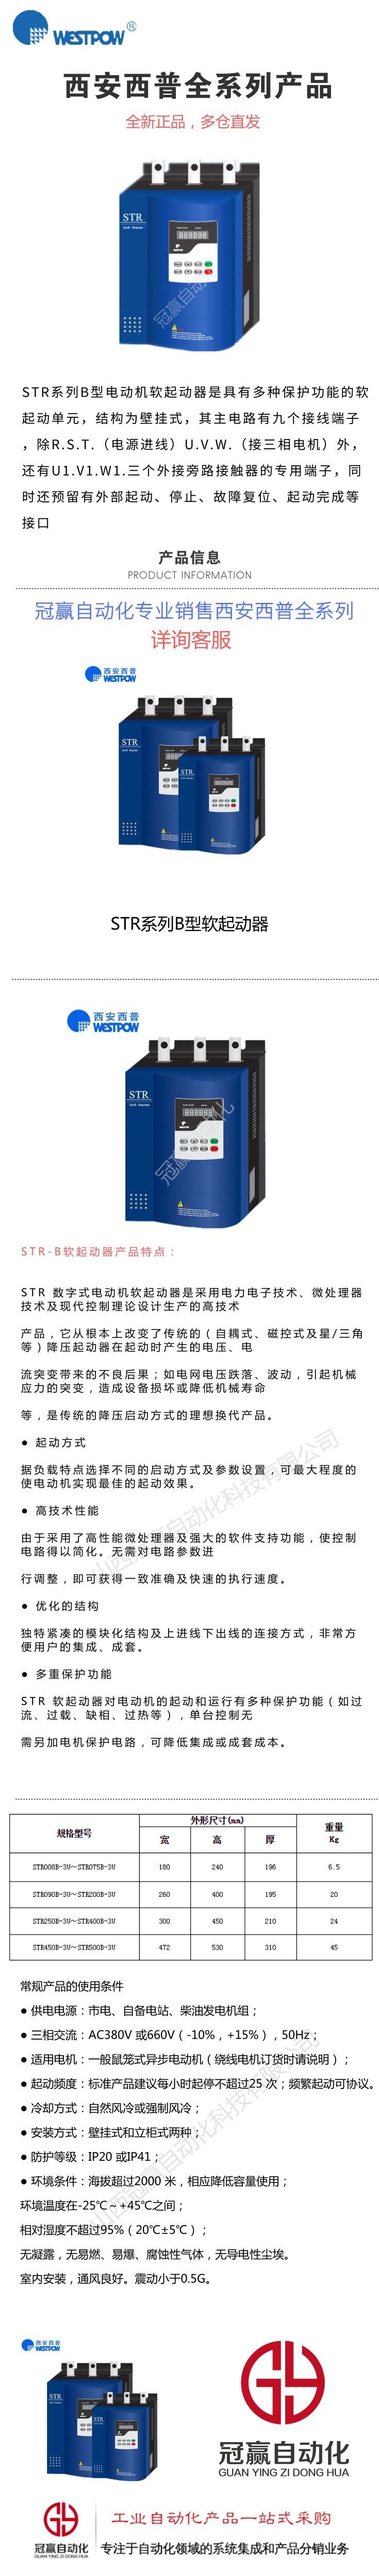 西安西普软启动|STR系列B型软起动器